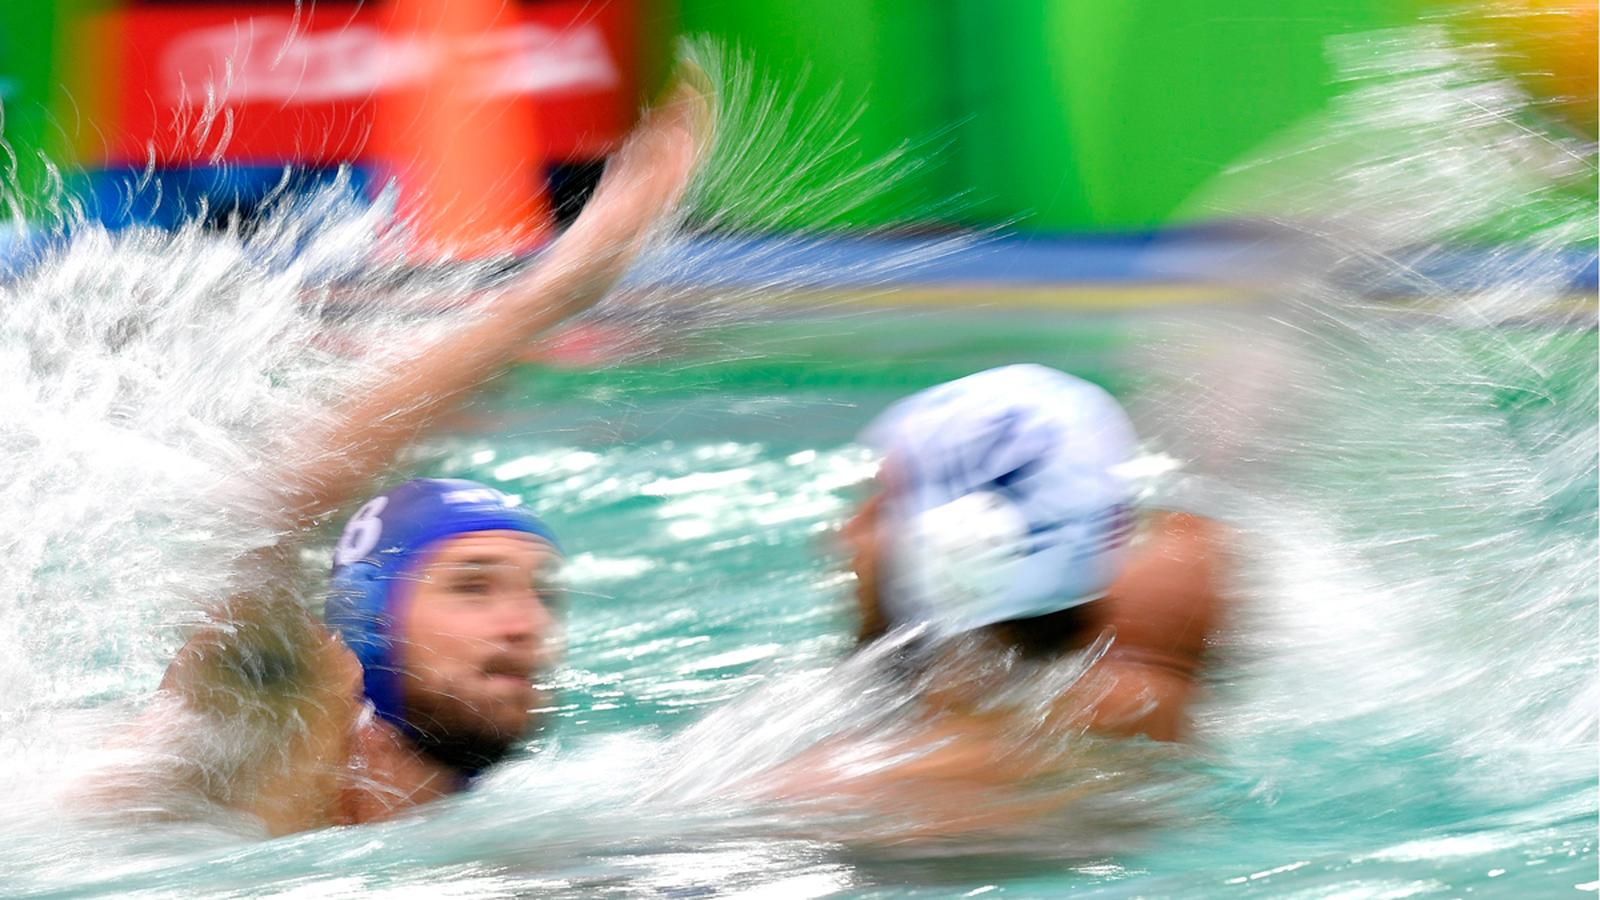 Эпизод ватерпольного матча между спортсменами Греции и Венгрии